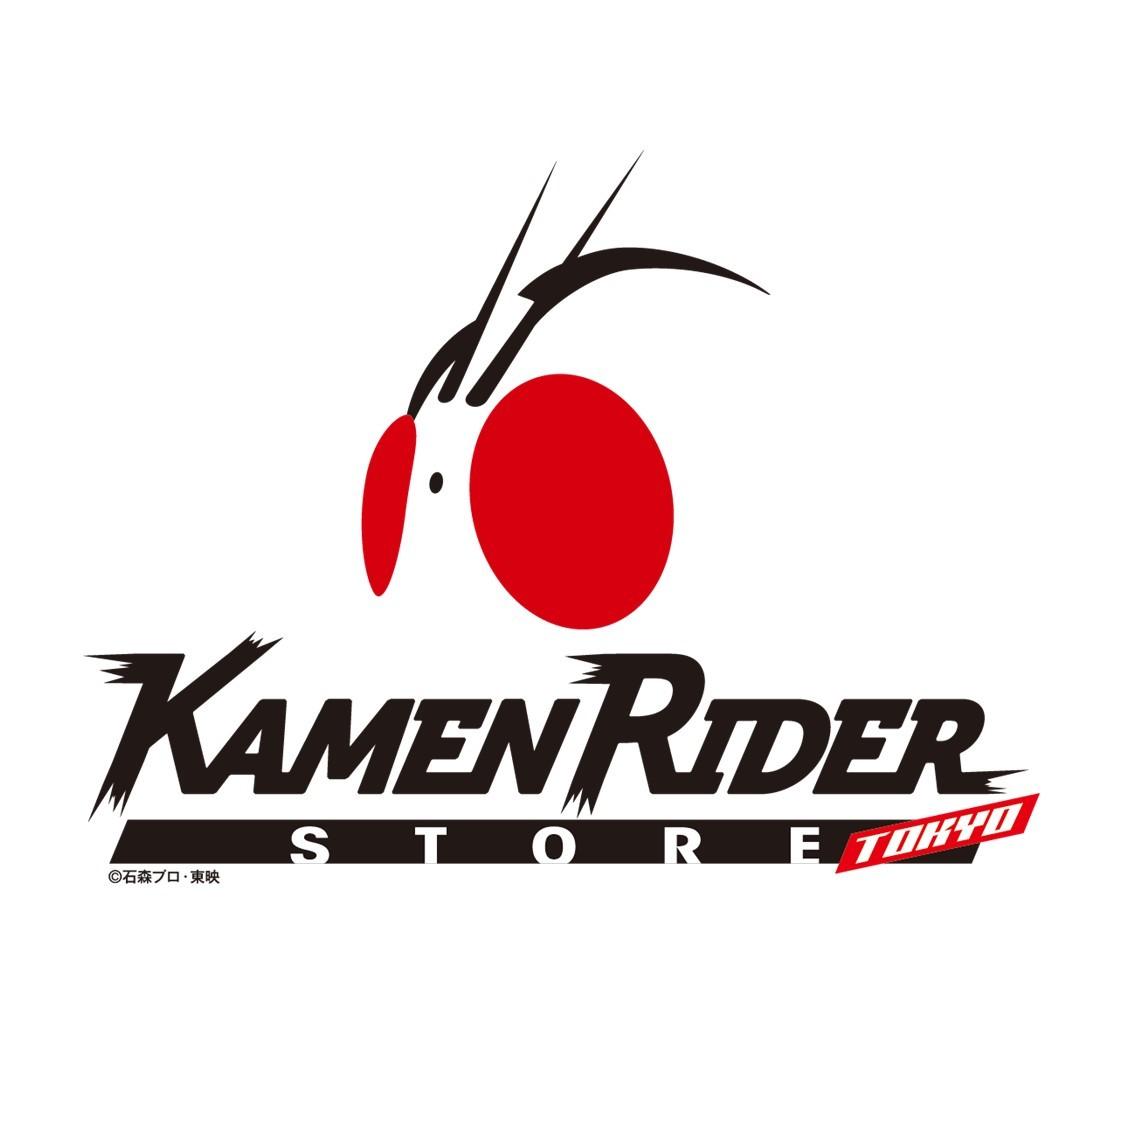 「仮面ライダー」シリーズロゴを使用したストアロゴ (C)石森プロ・テレビ朝日・ADK EM・東映 (C)石森プロ・東映